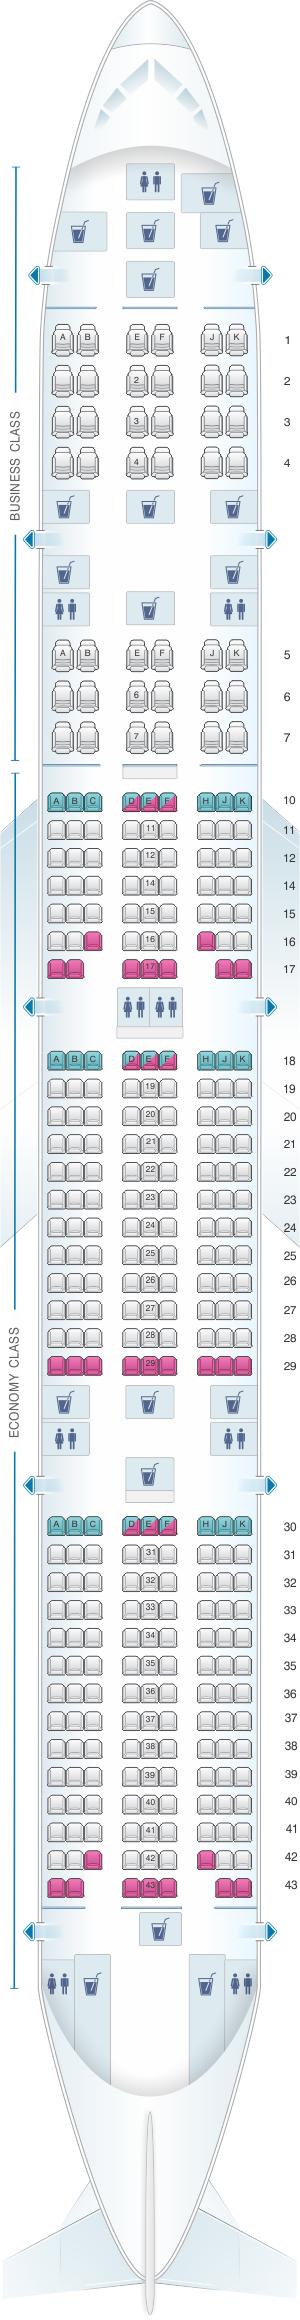 Seat map for Qatar Airways Boeing B777 300ER